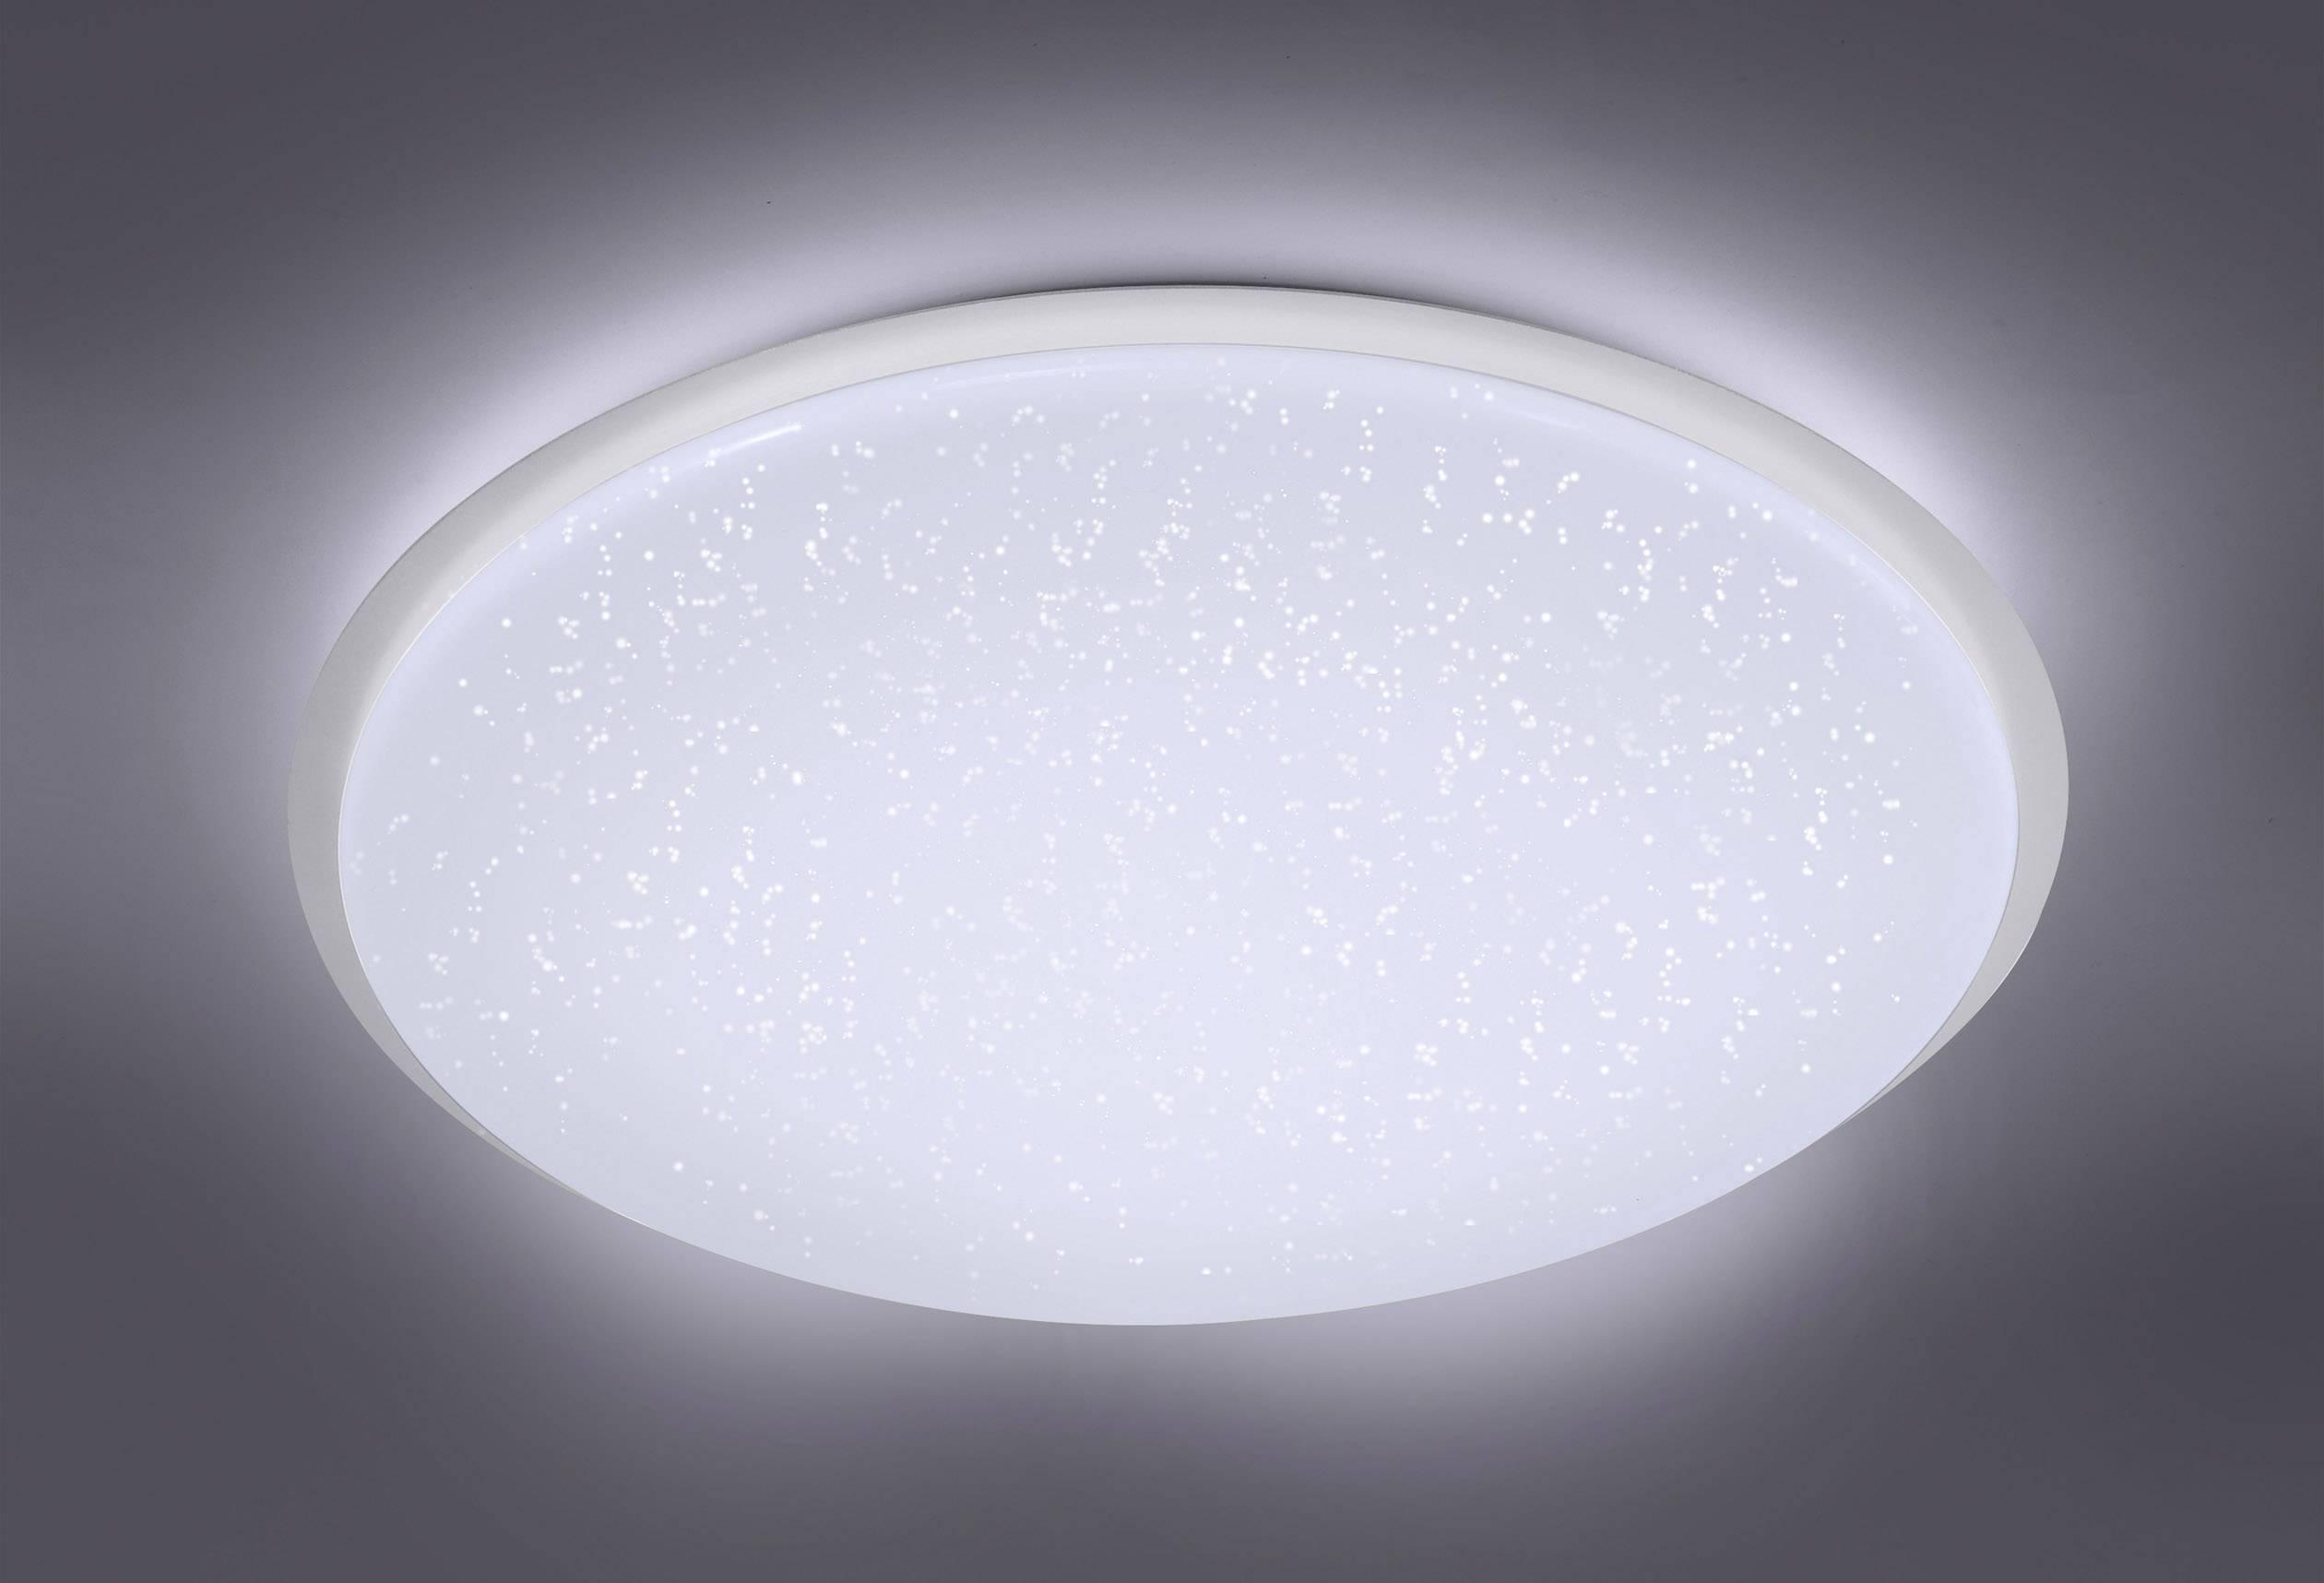 Led Tageslicht Deckenleuchte Deckenlampe Bad Large Size Of